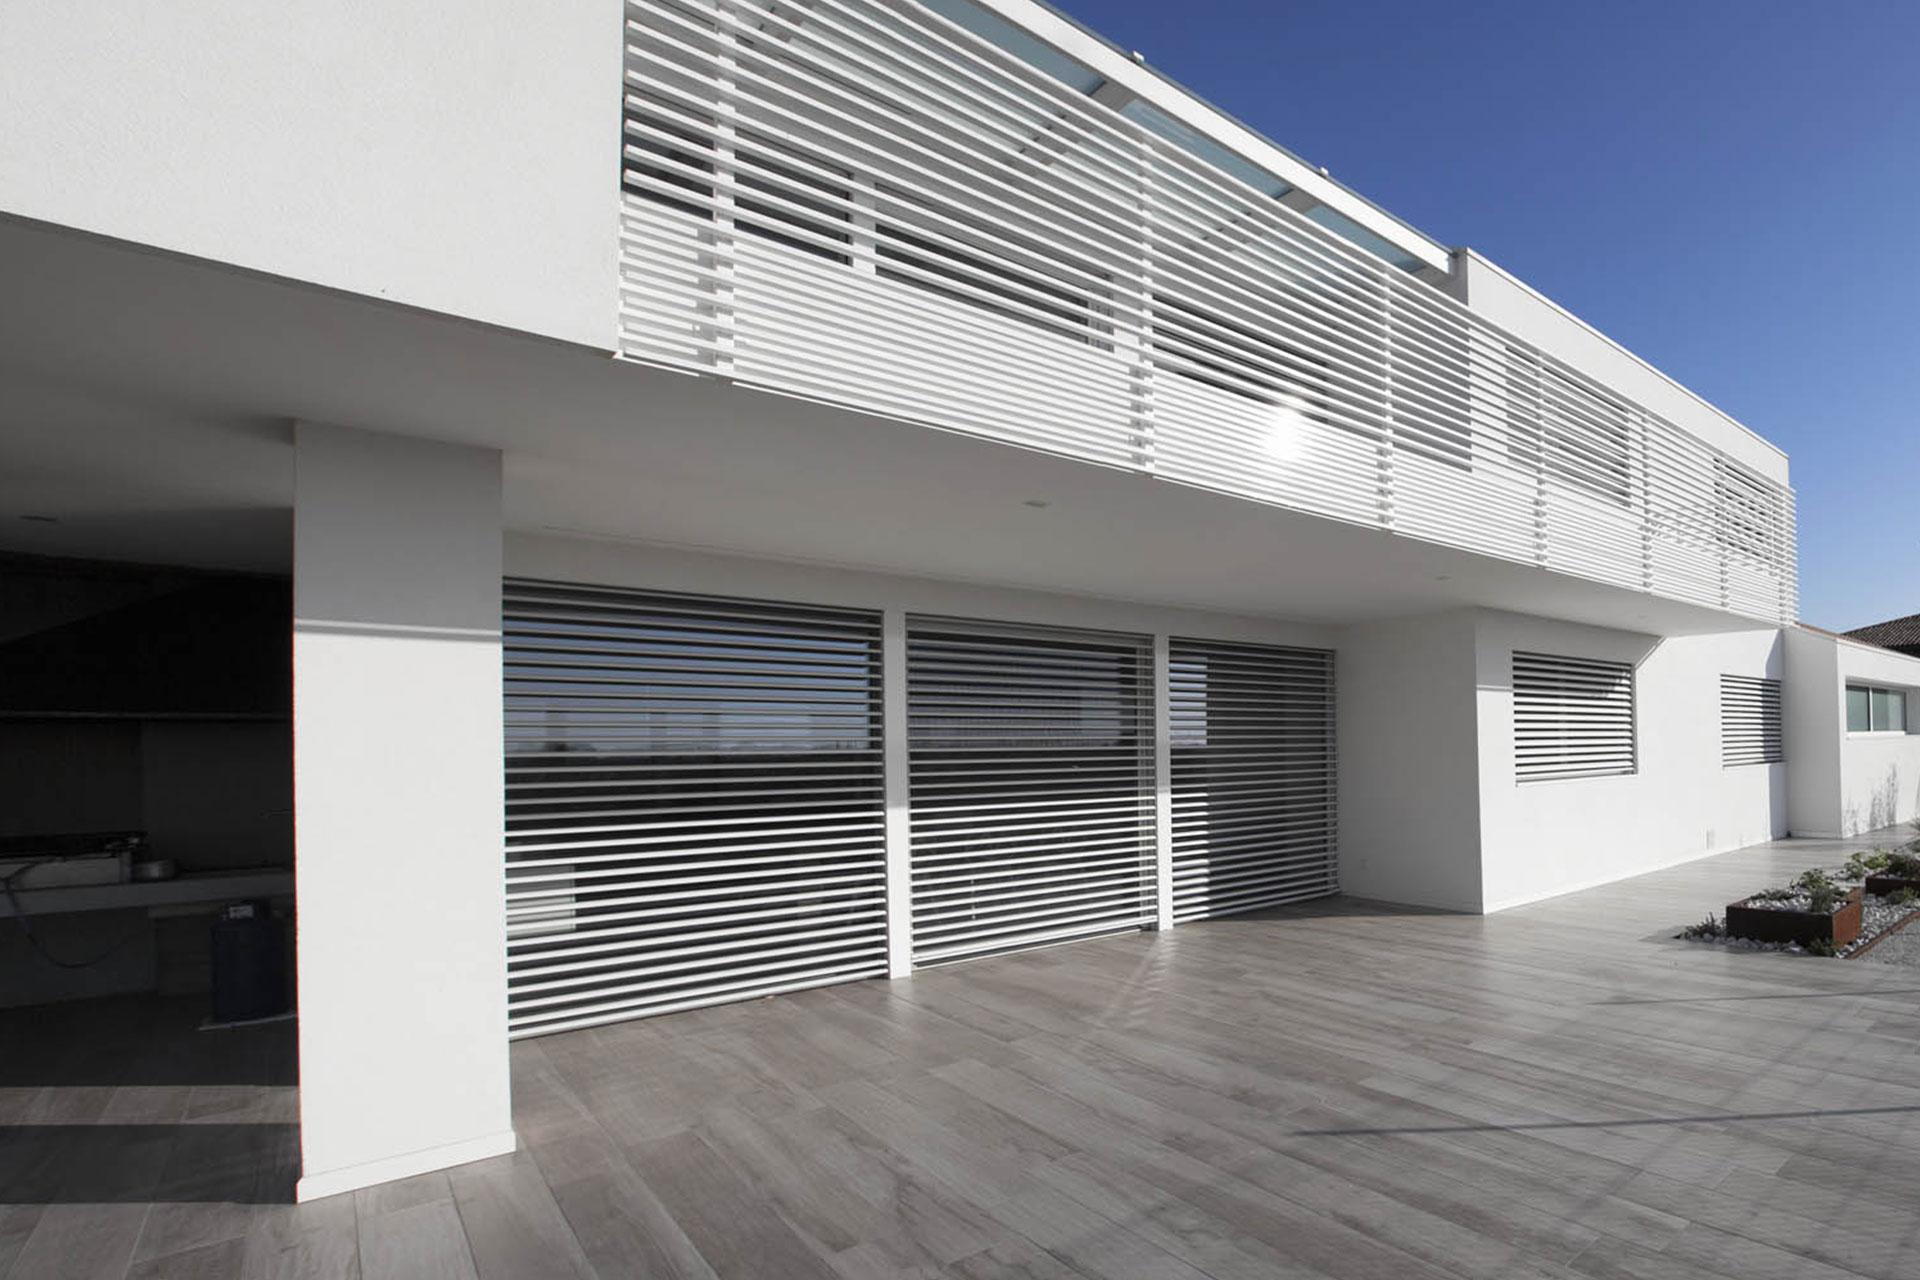 cancelli recinzioni carpenteria metallica albo serramenti udine